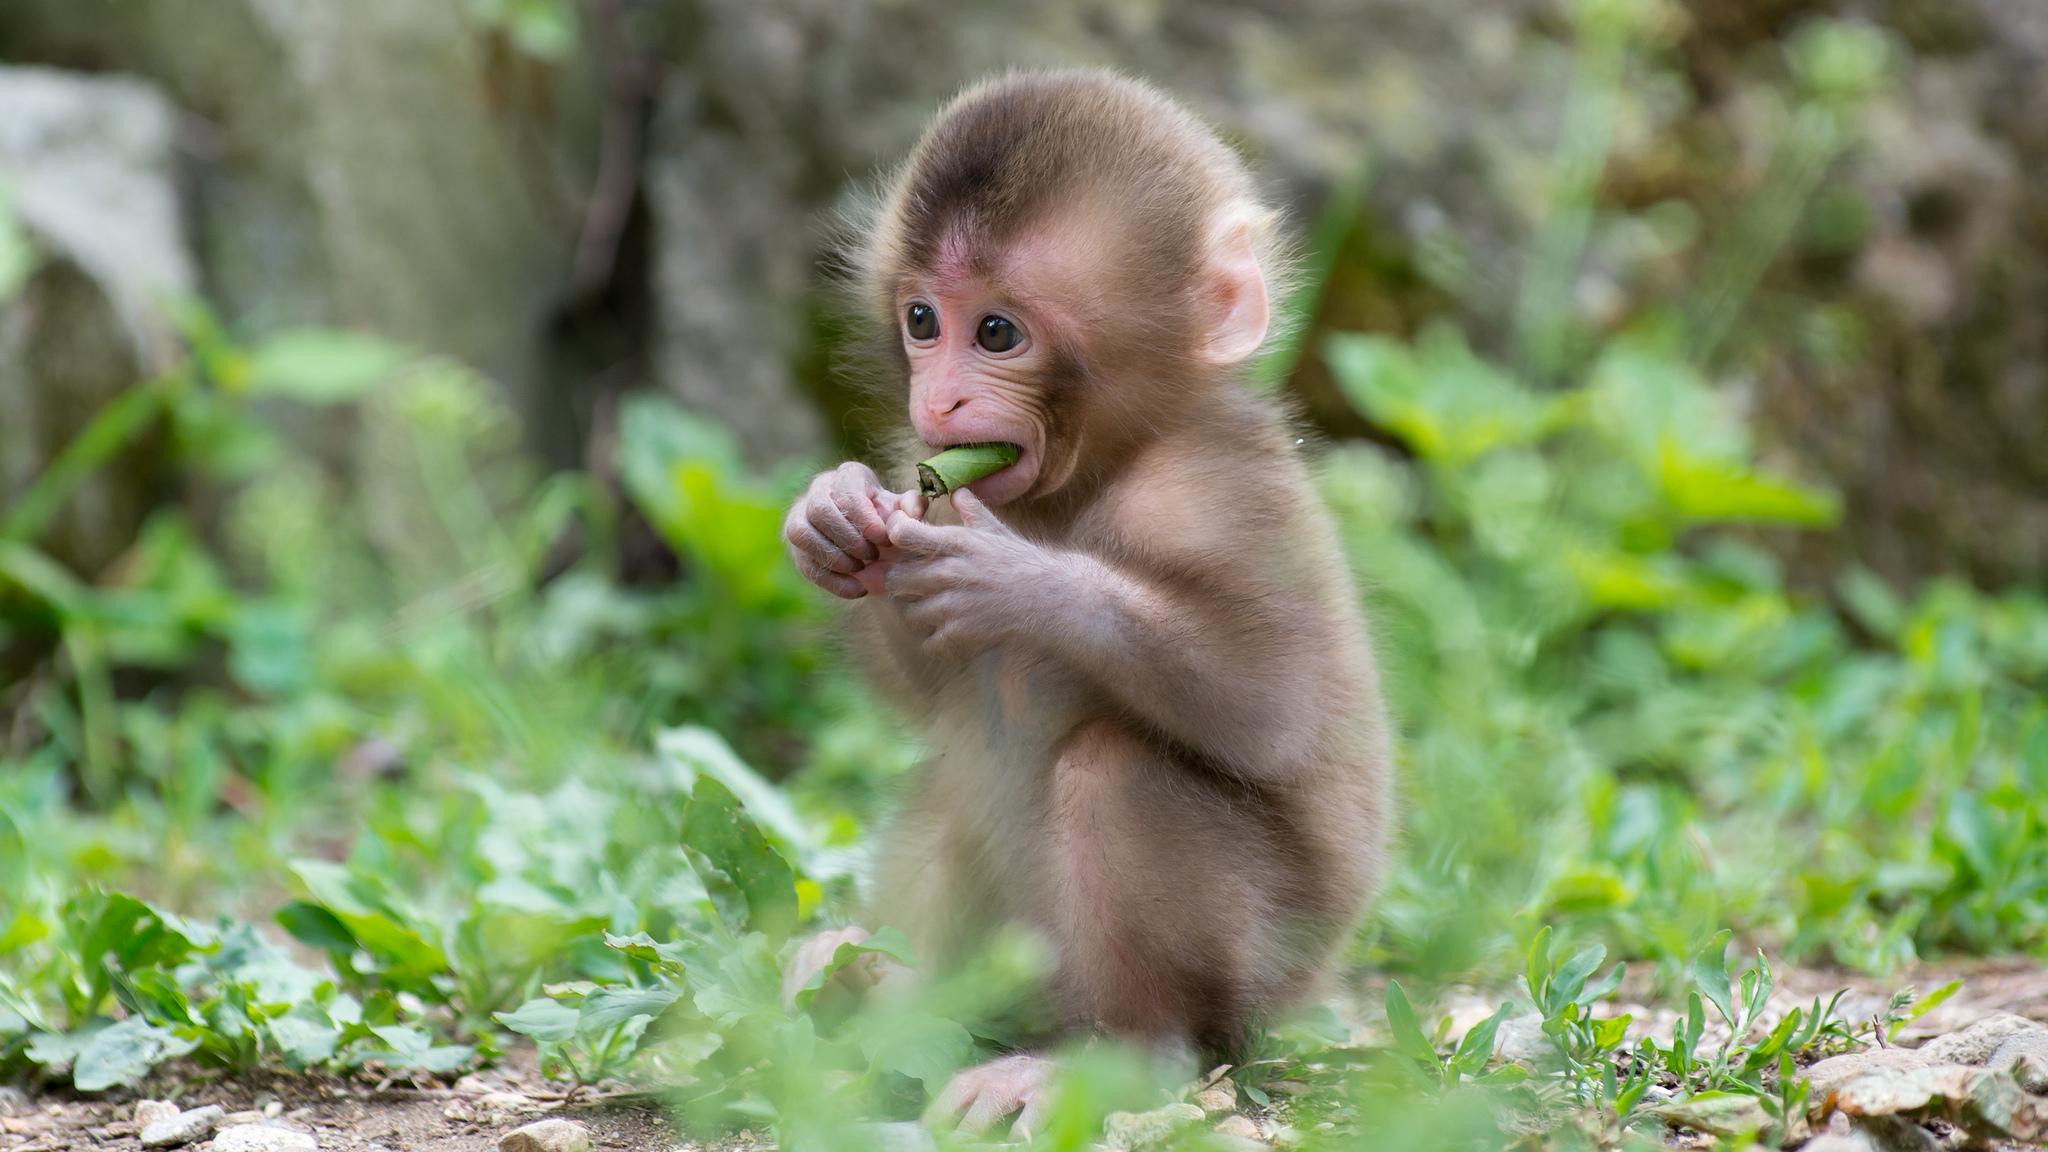 monkey wallpaper 1080p